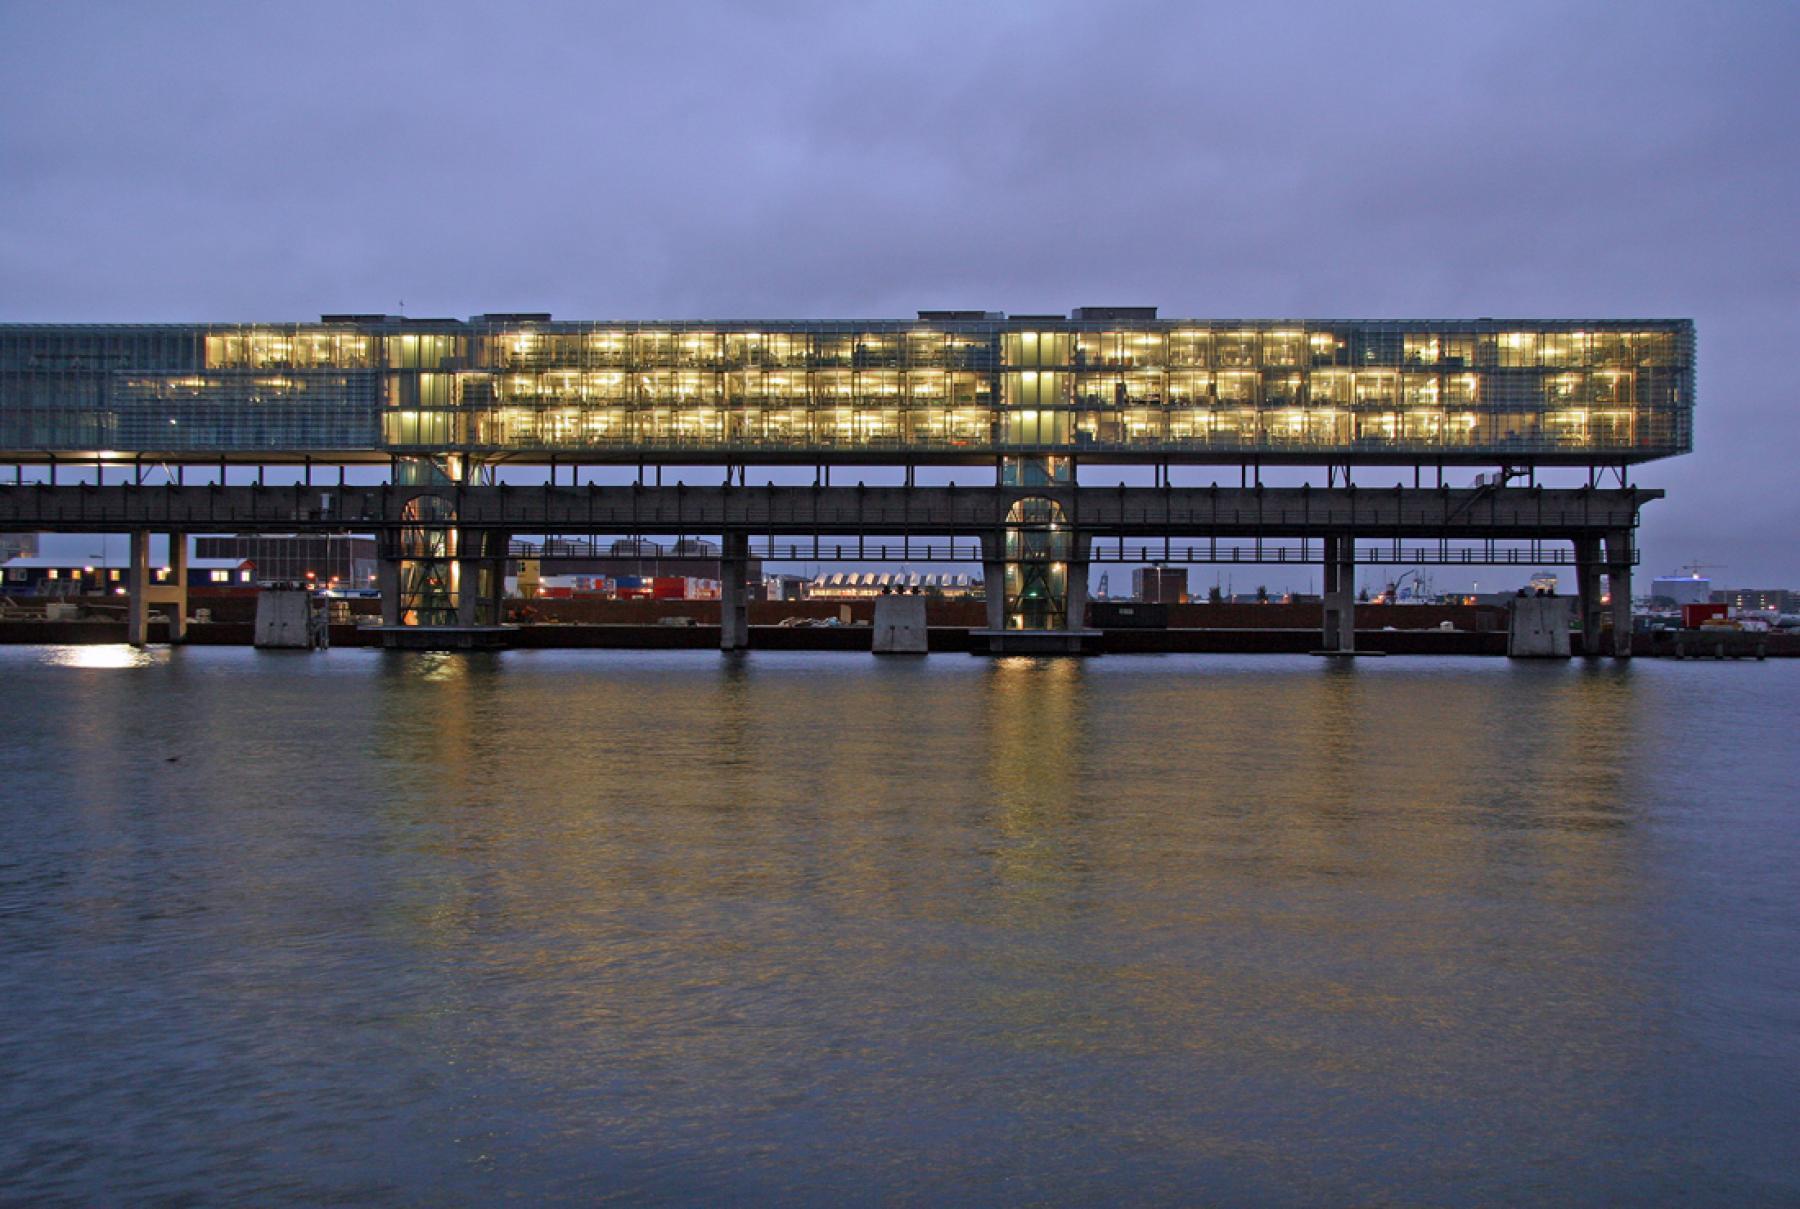 buitenzijde kantoorgebouw kraanspoor amsterdam parkeerruimte ij